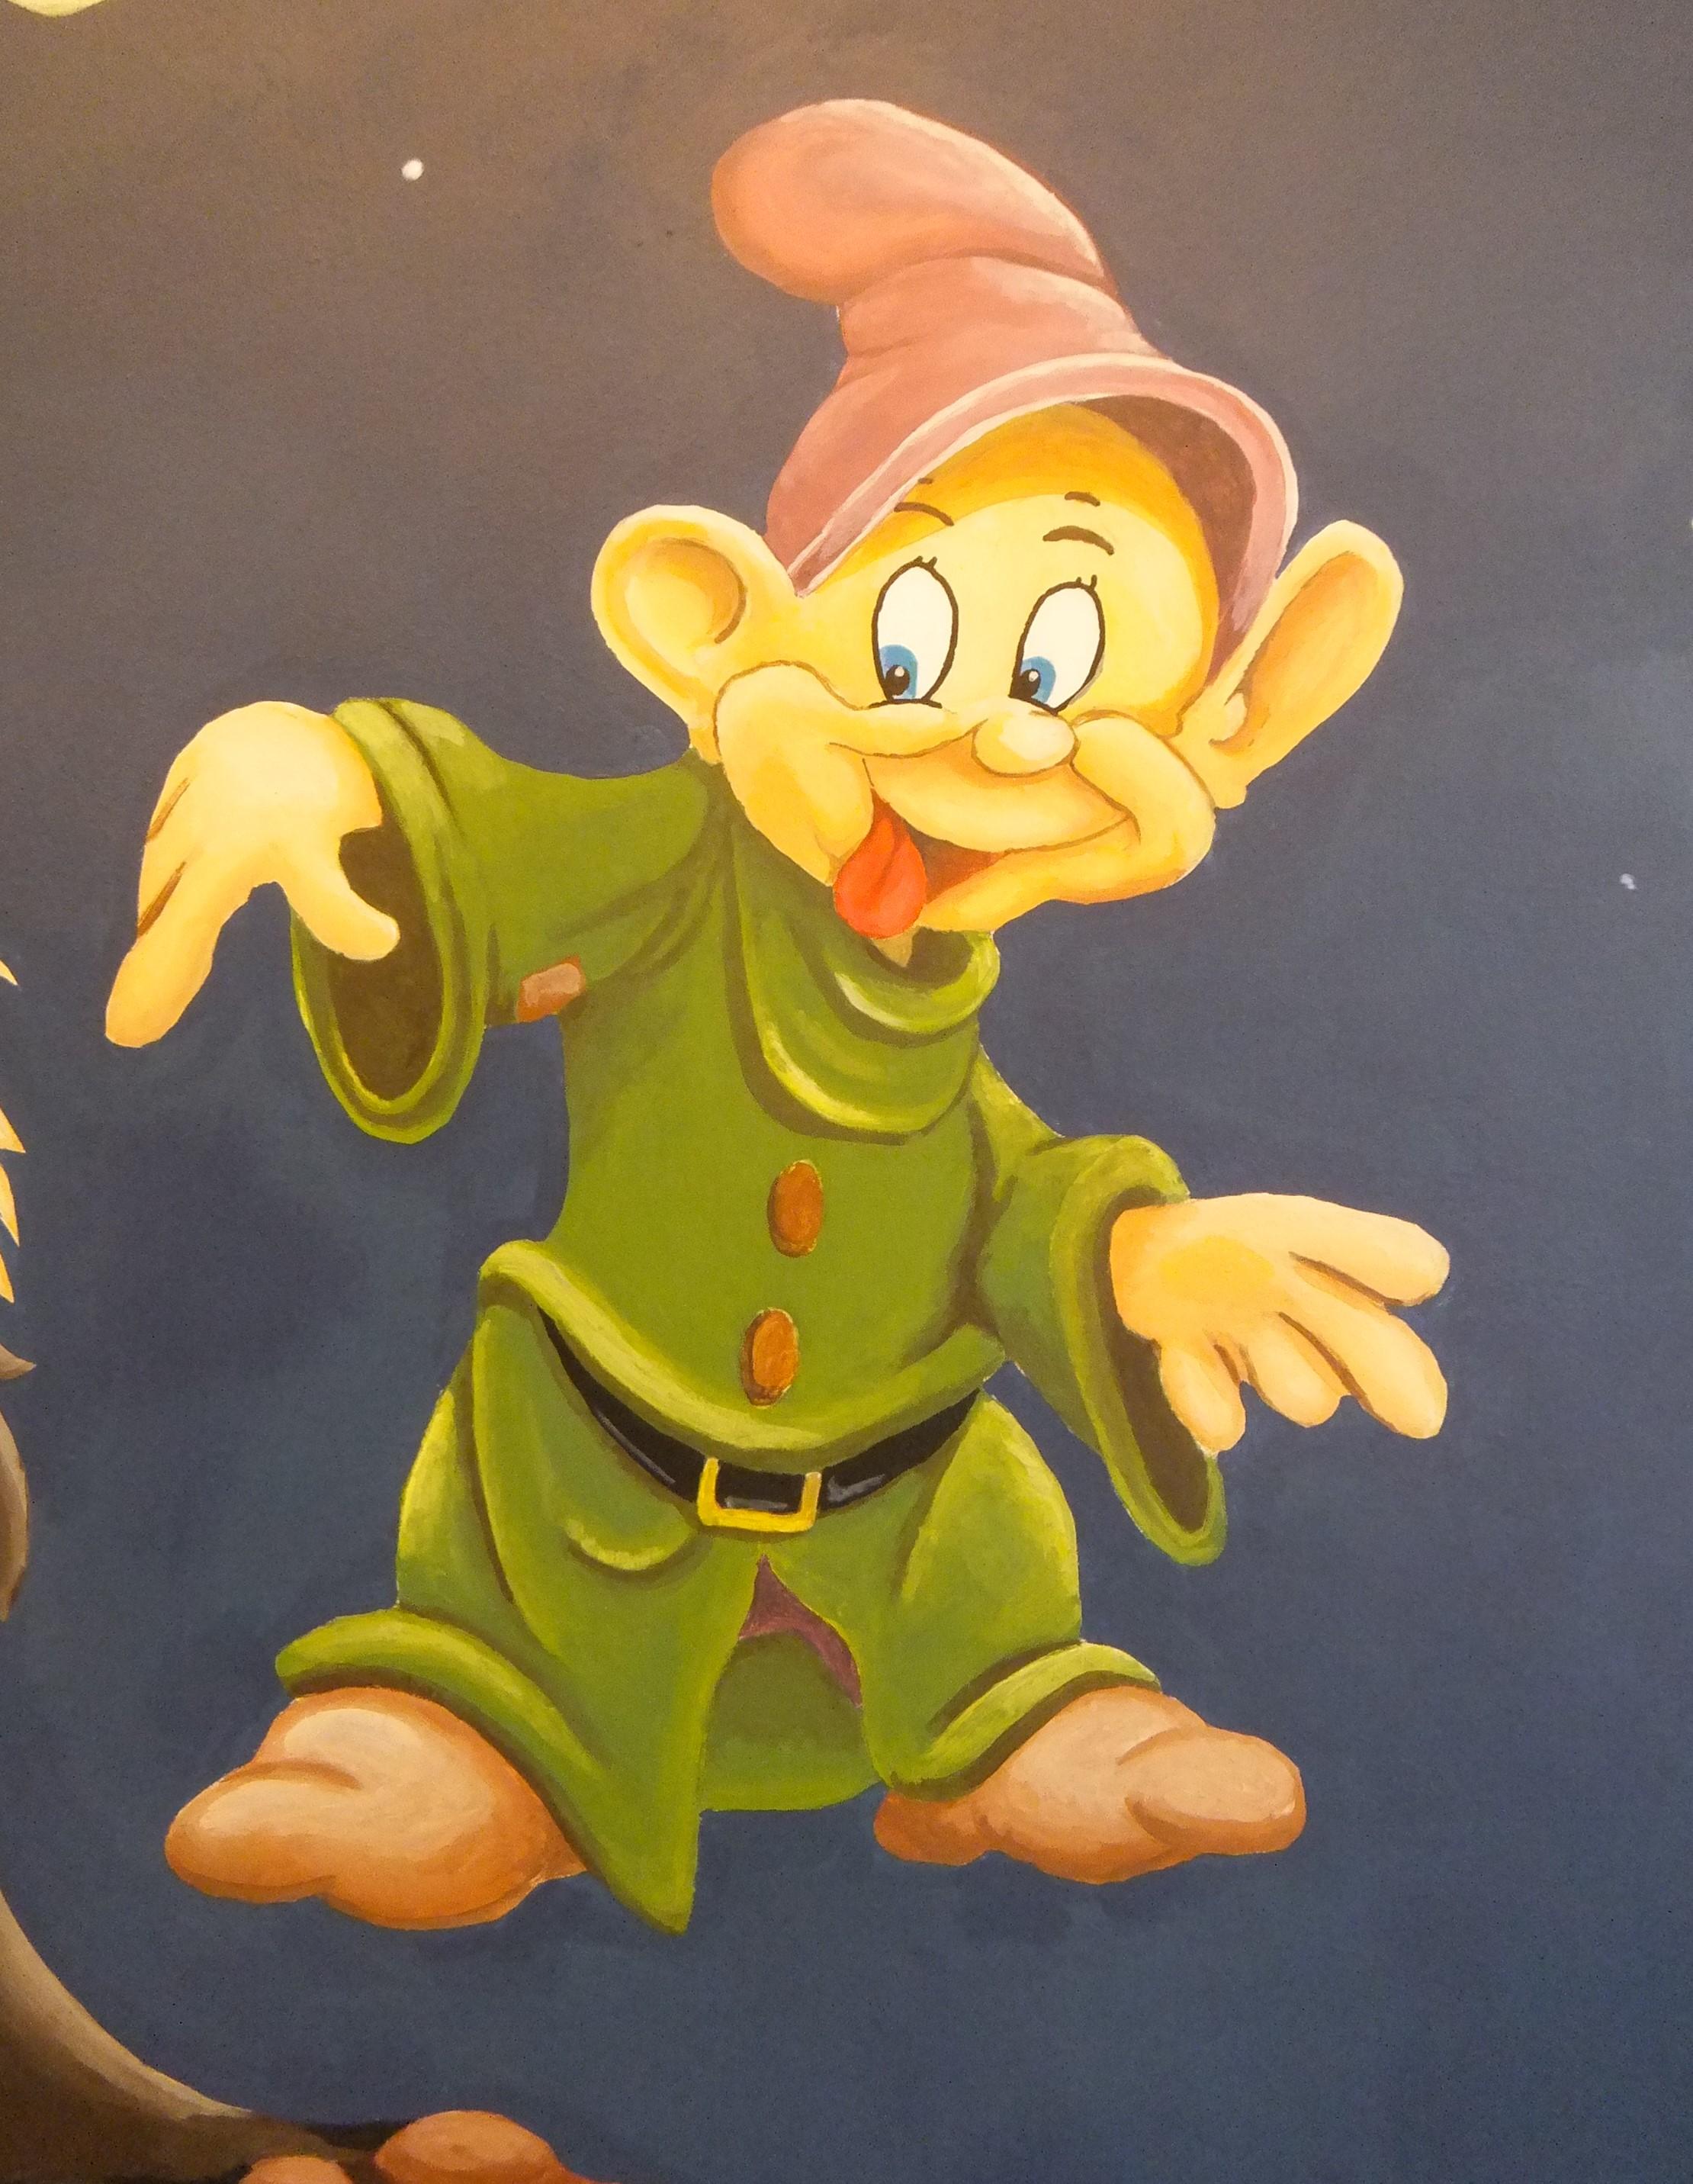 Disney Seven Dwarves Dopey